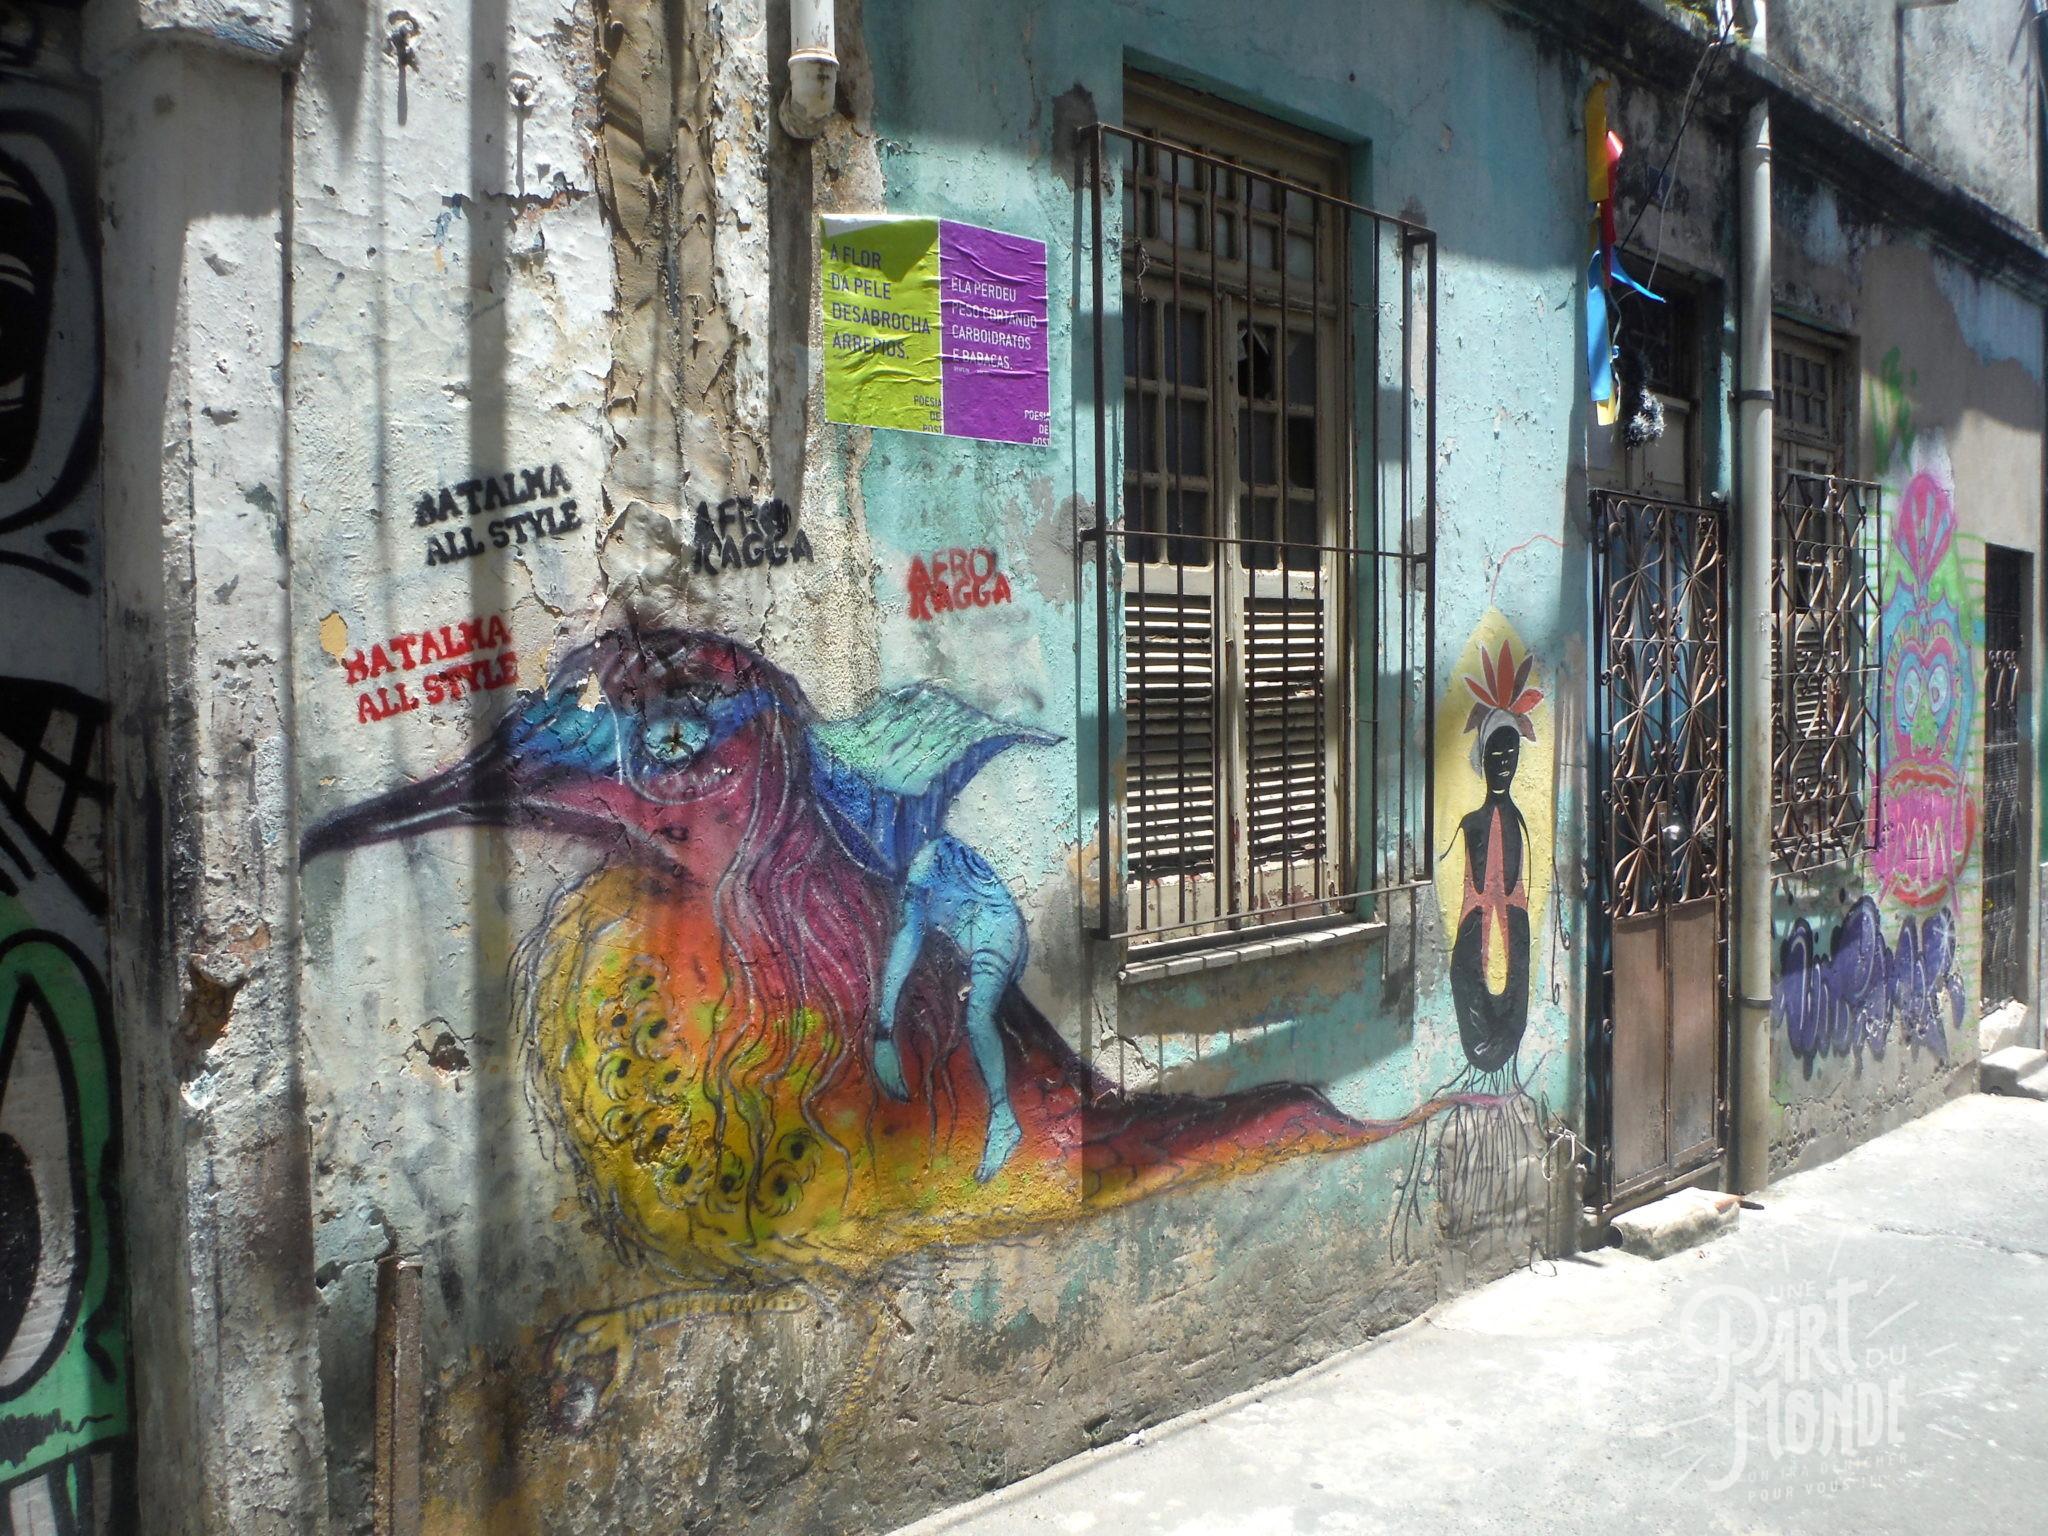 santo antonio salvador de bahia street art2